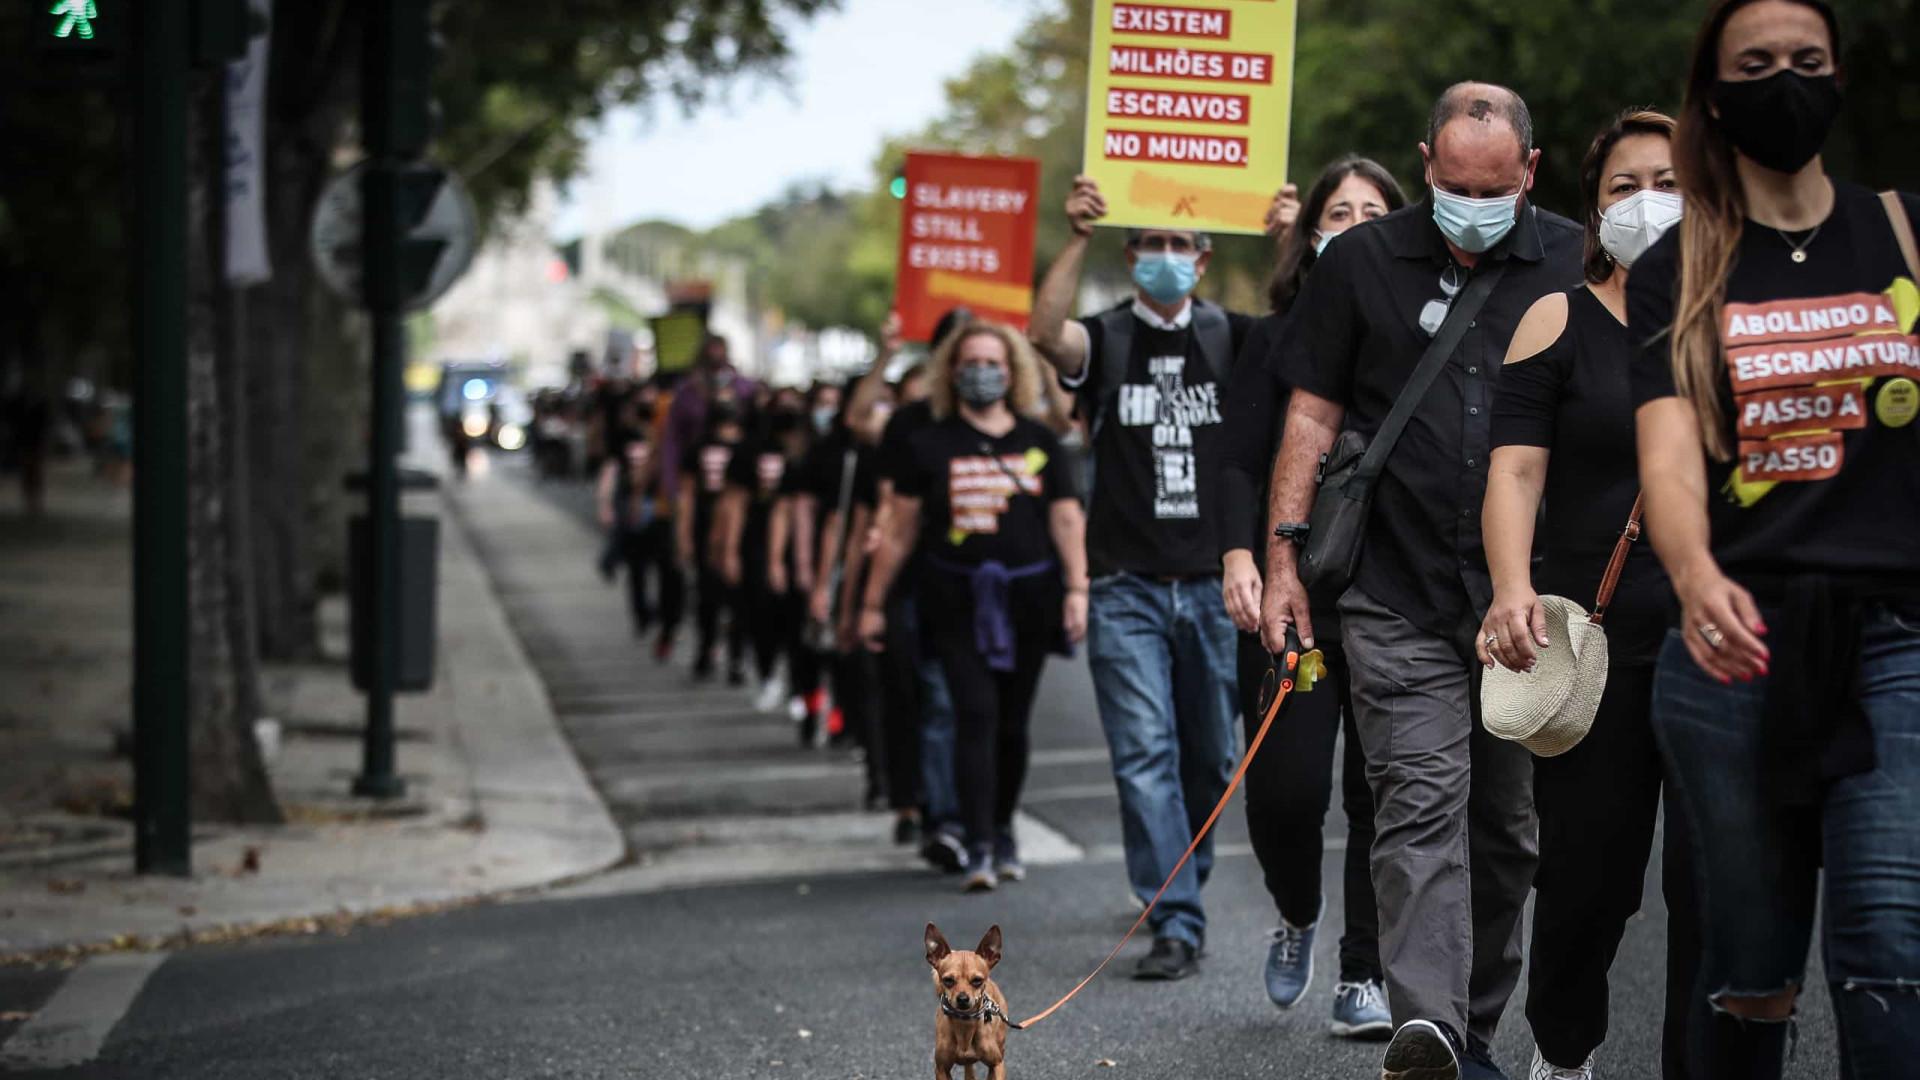 Lisboa. Cerca de 300 pessoas caminham em silêncio contra tráfico humano